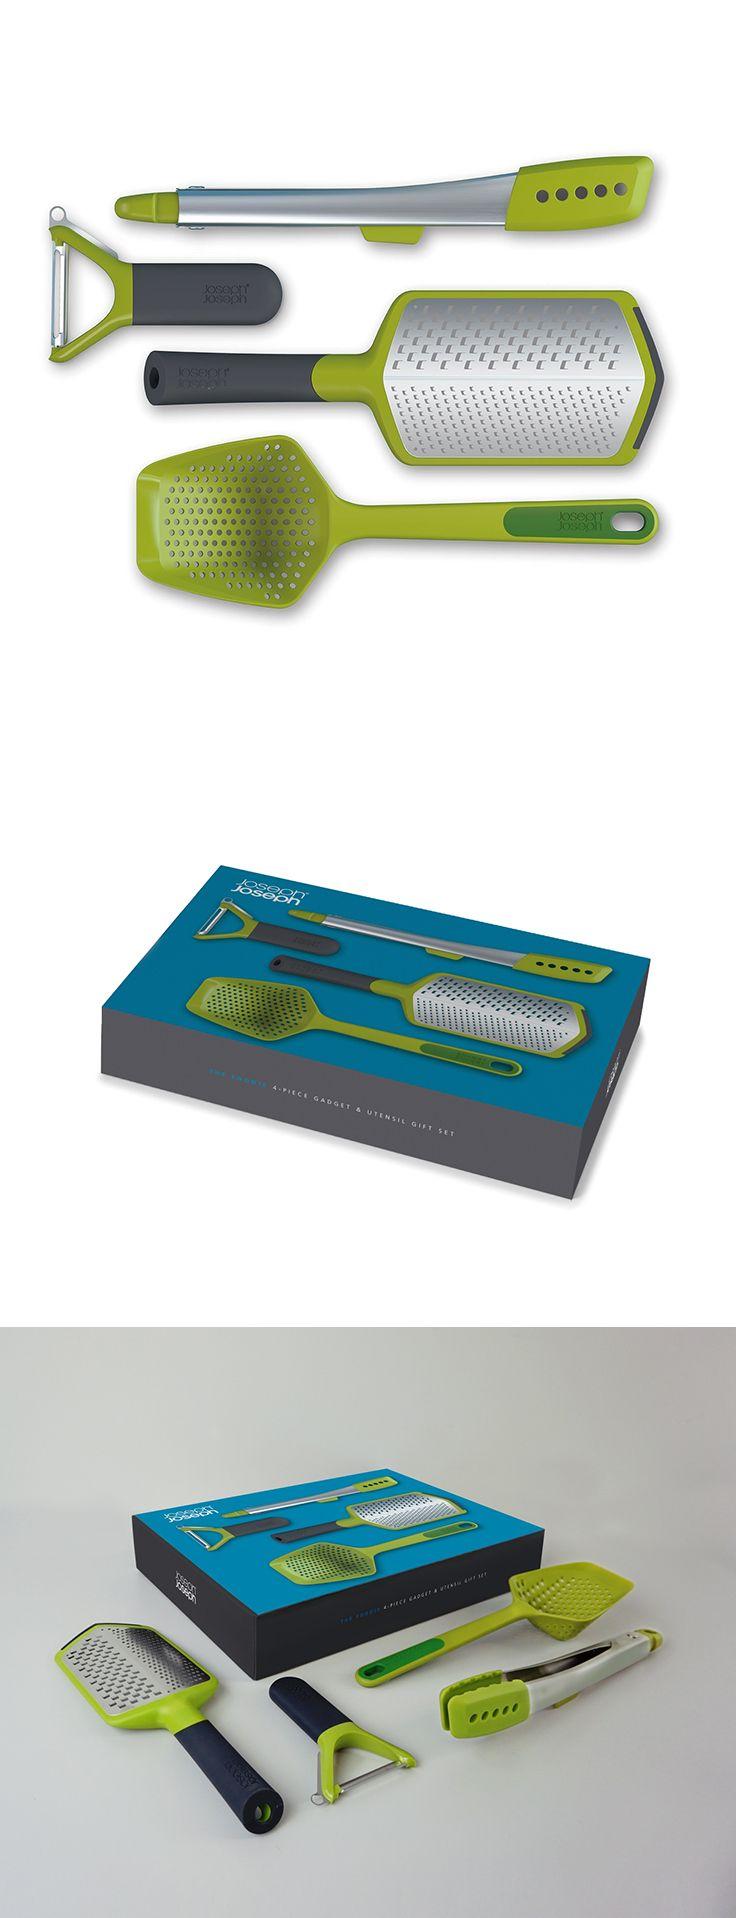 Dárková sada kuchyňských nástrojů.  Dárkové balení čtyř užitečných kuchyňských pomocníků: cedníková lžíce, struhadlo, škrabka a kleště / dárková krabice